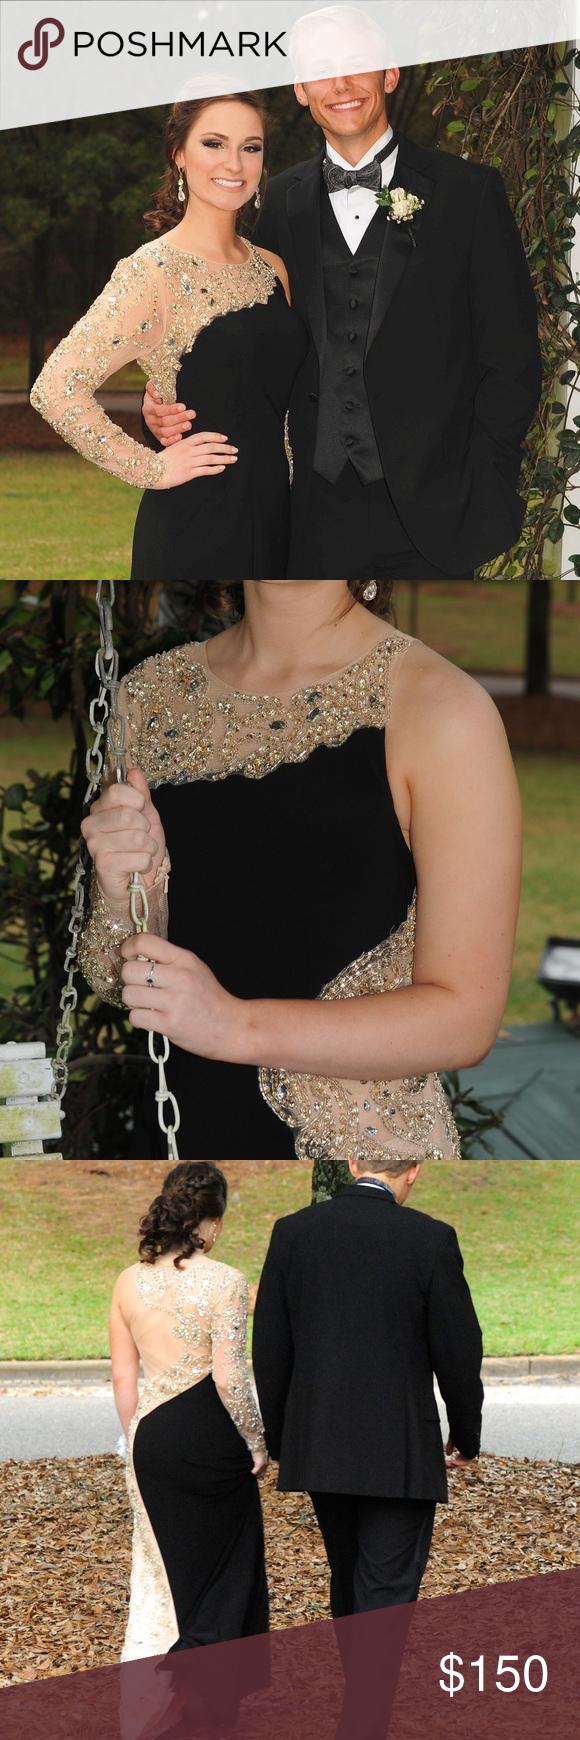 Clarisse atelier clarisse prom dress special occasionprom dress